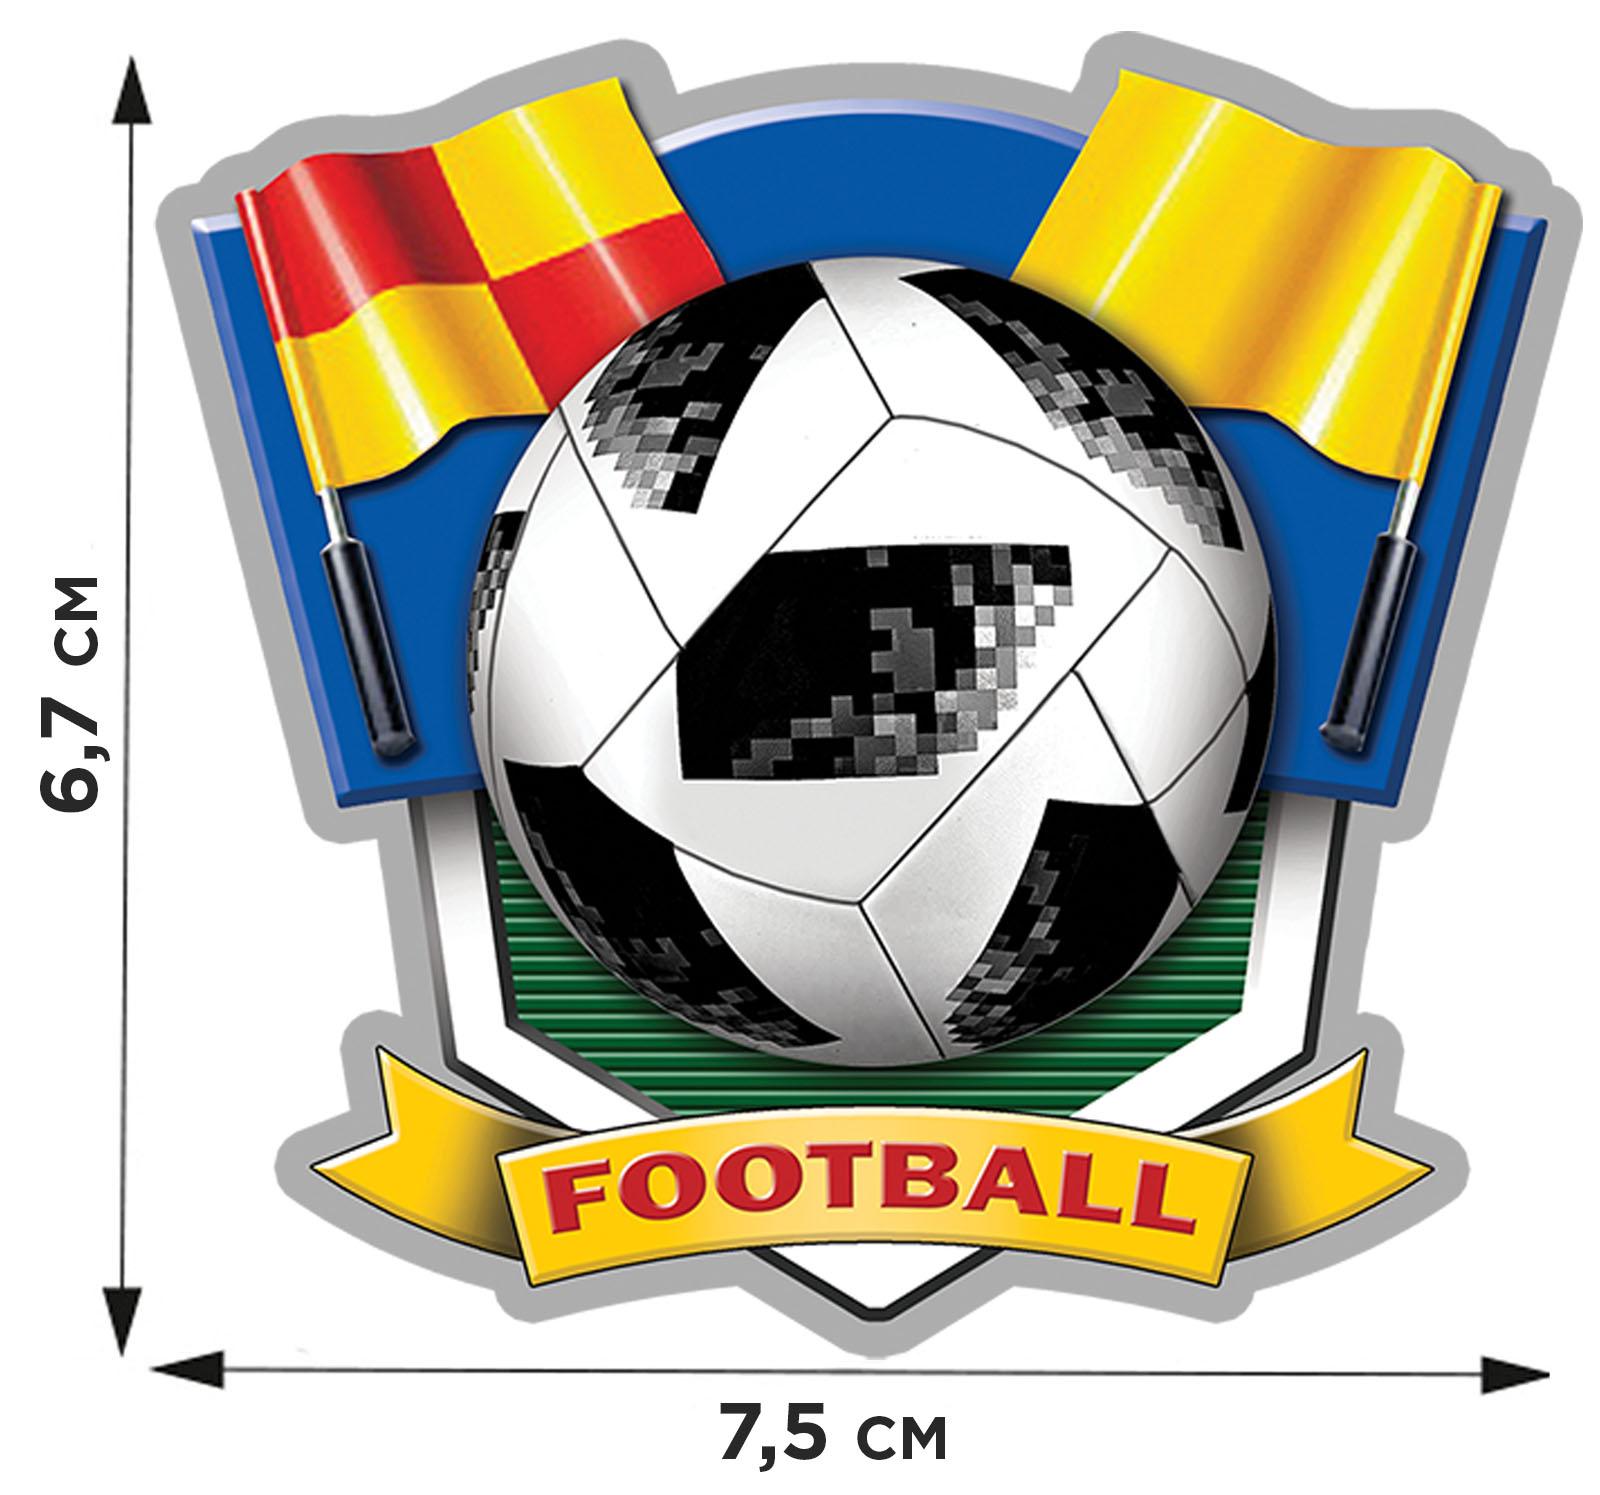 Заказать термотрансфер FOOTBALL с мячом по выгодной цене